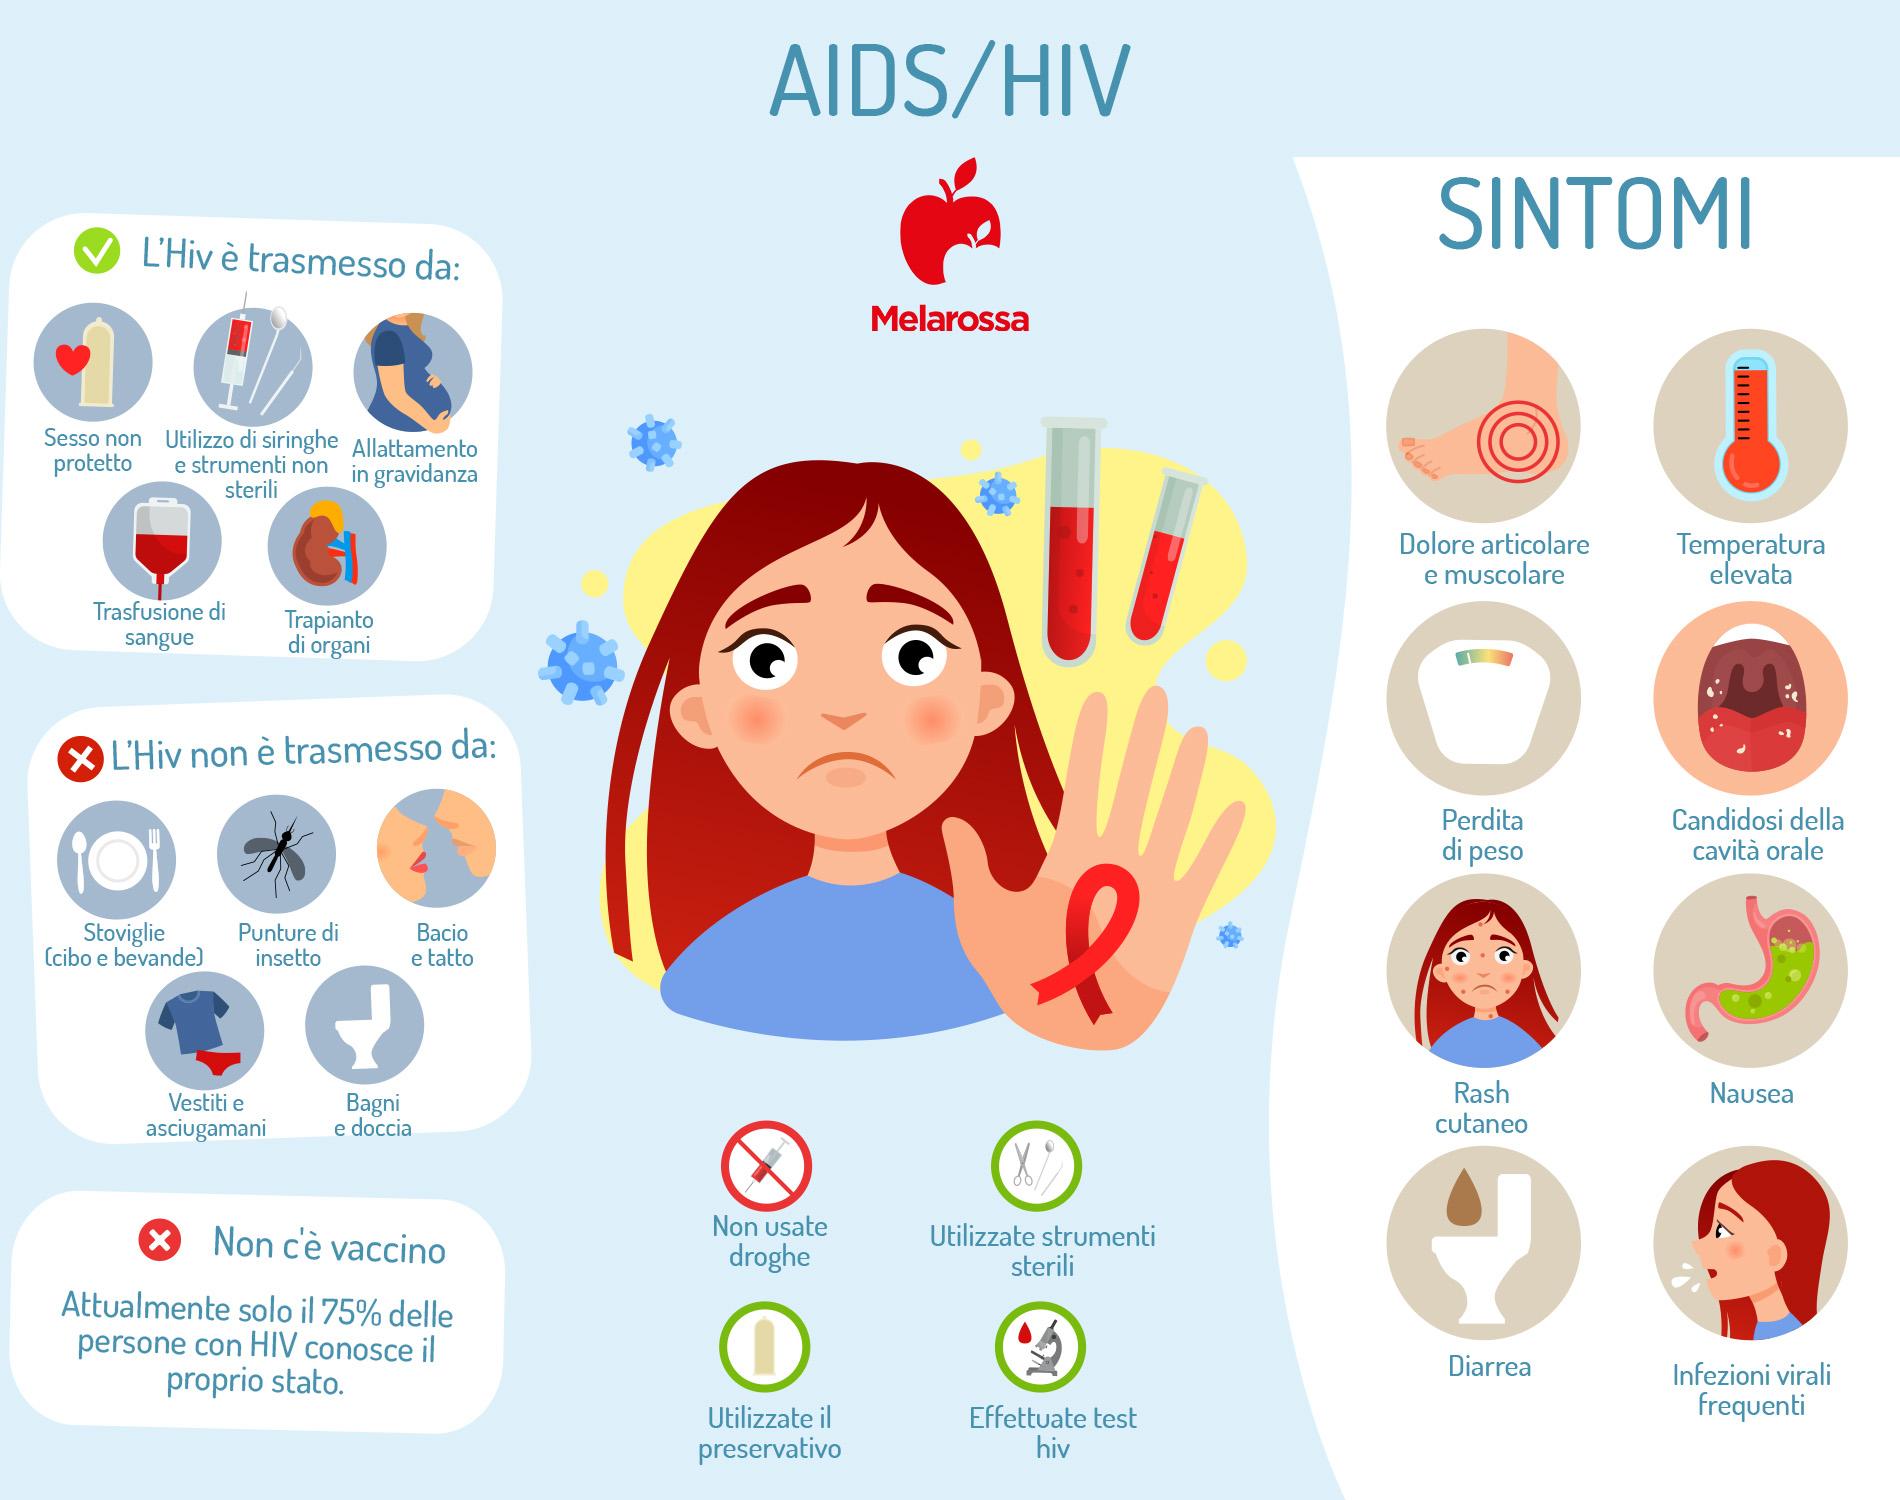 MST: aids